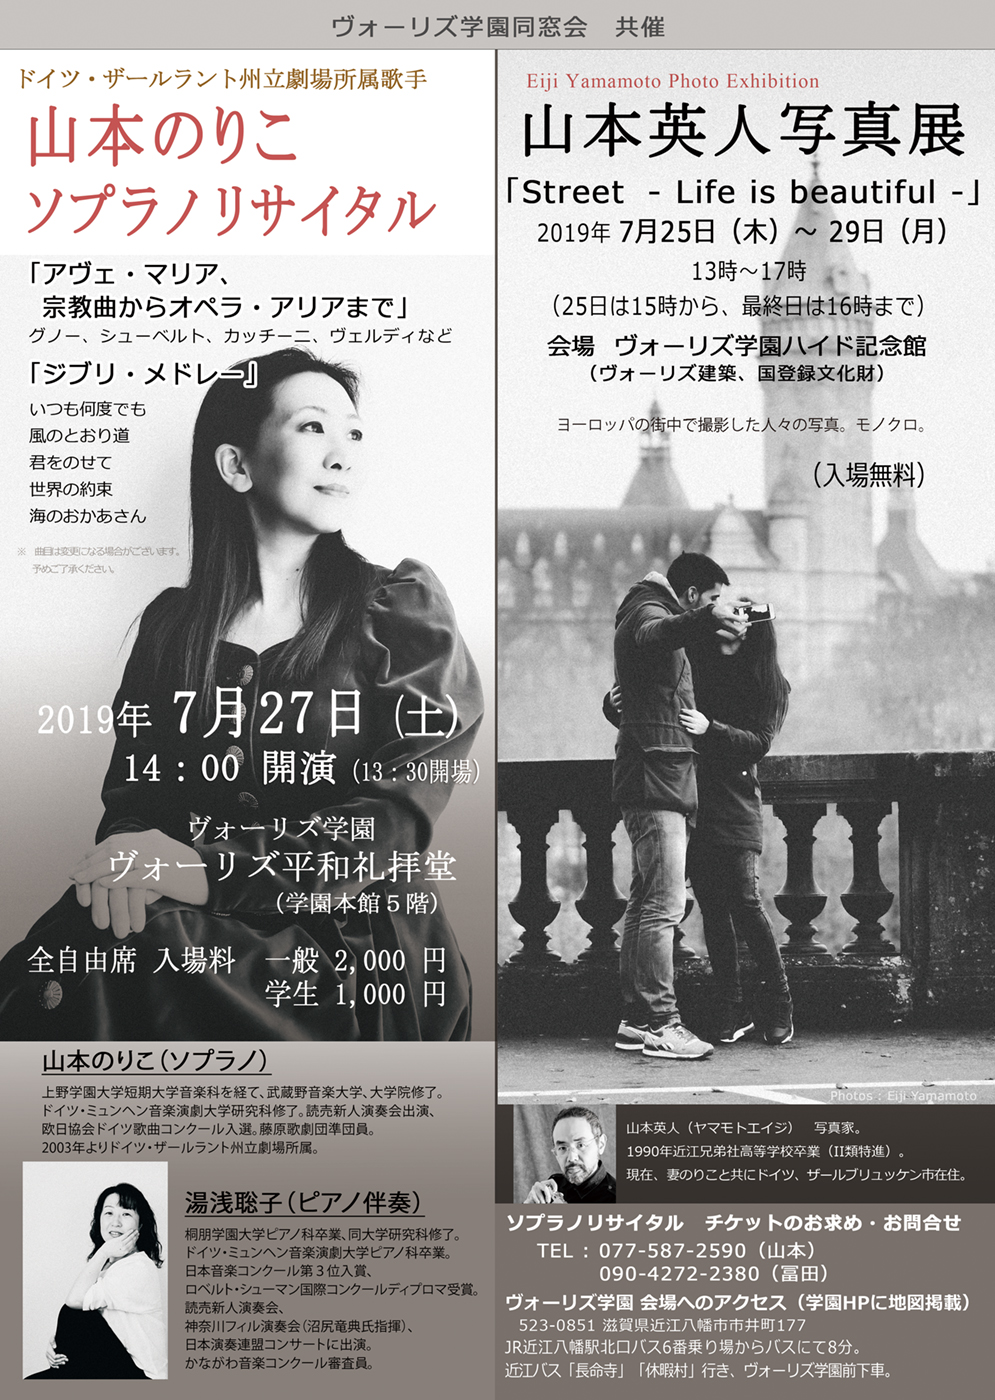 eijiyamamoto-photoexhibition2019vories01a